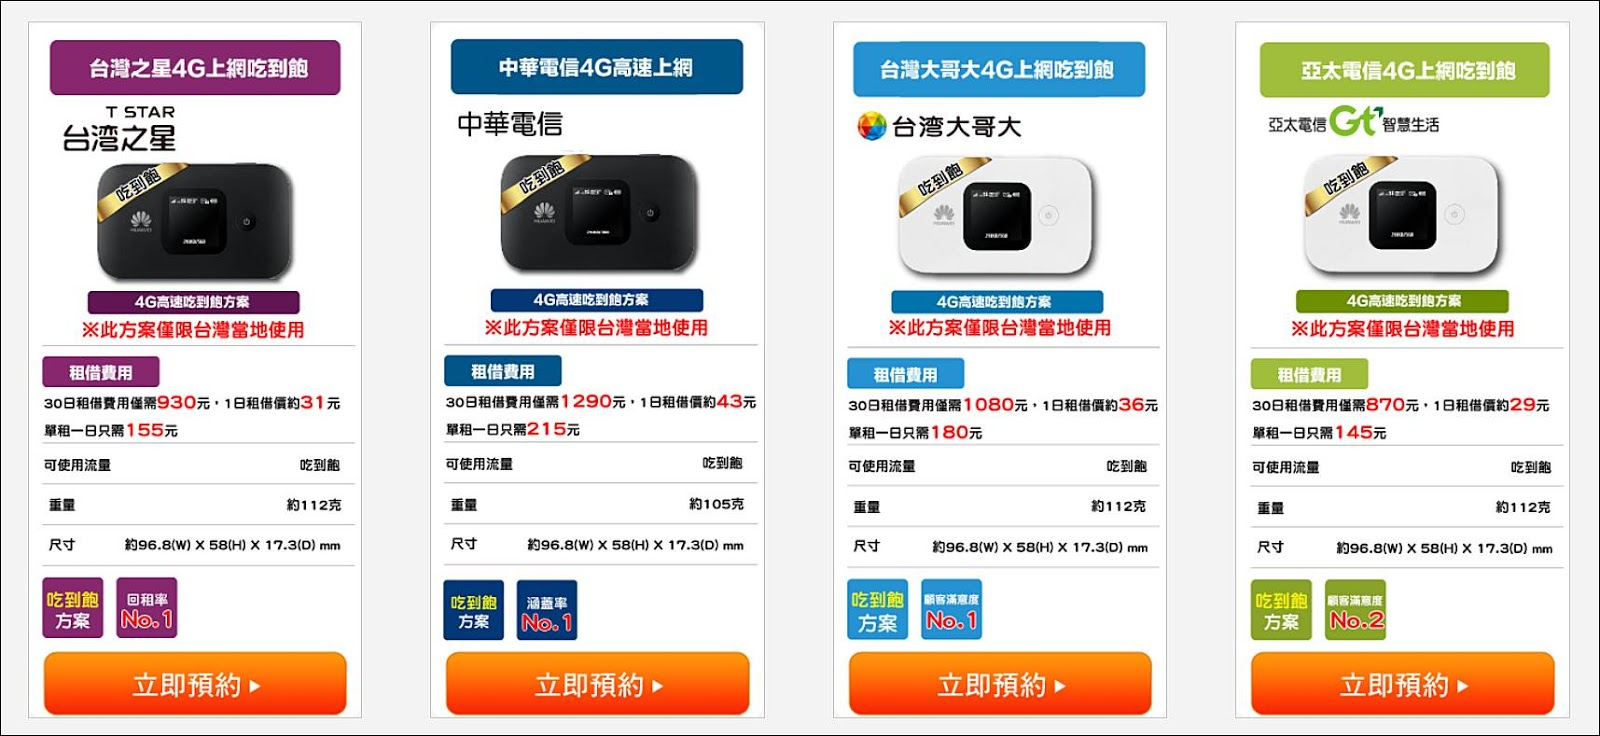 台灣-WiFi機-電信方案-WiFi分享器-推薦-台灣租借WiFi-台灣4G吃到飽WiFi機-隨身WiFi-CP值-便宜WiFi機-4G上網-網路